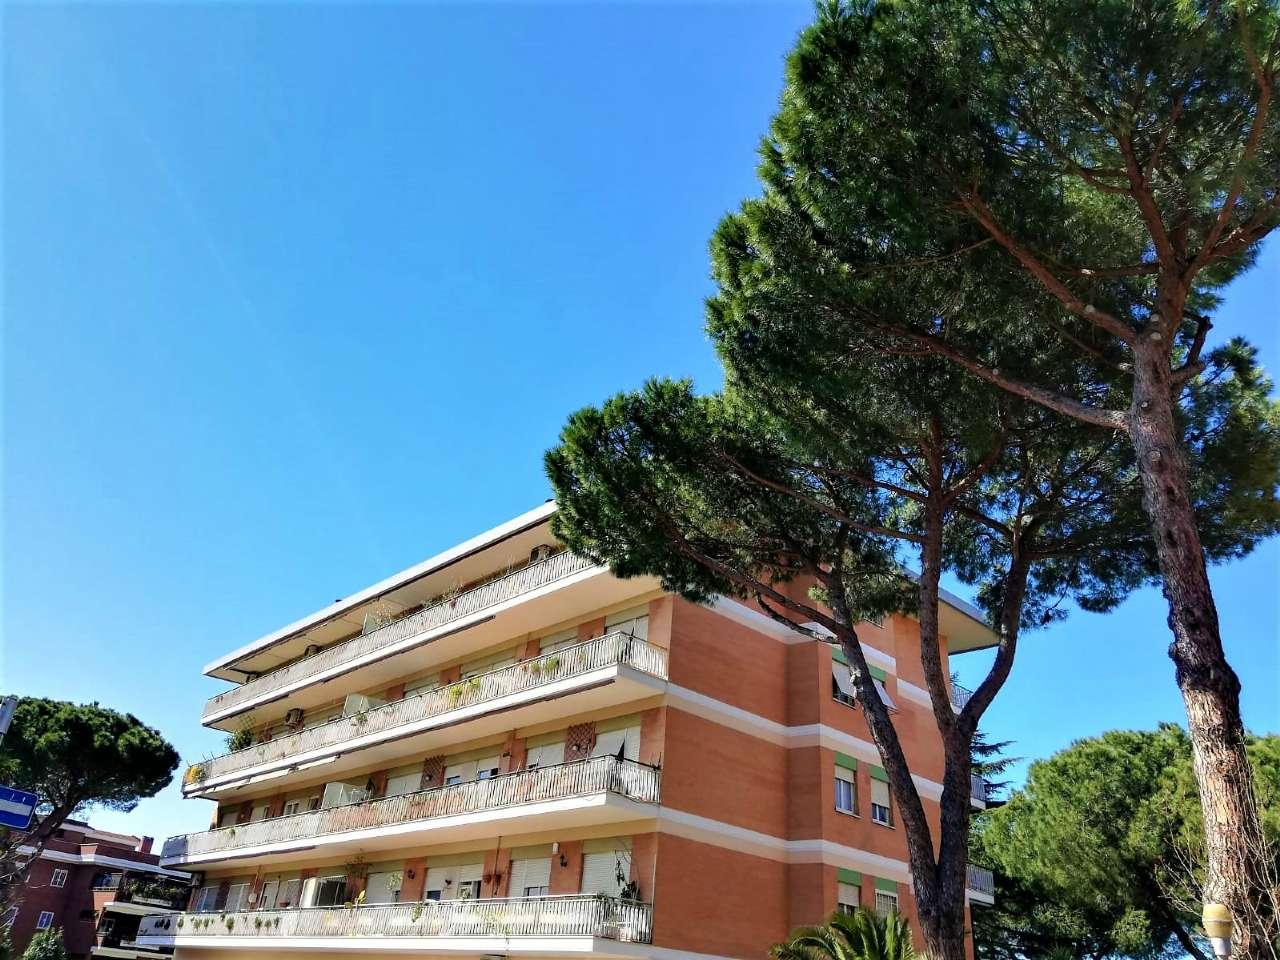 Attico / Mansarda in vendita a Roma, 3 locali, zona Zona: 24 . Gianicolense - Colli Portuensi - Monteverde, prezzo € 449.000 | CambioCasa.it